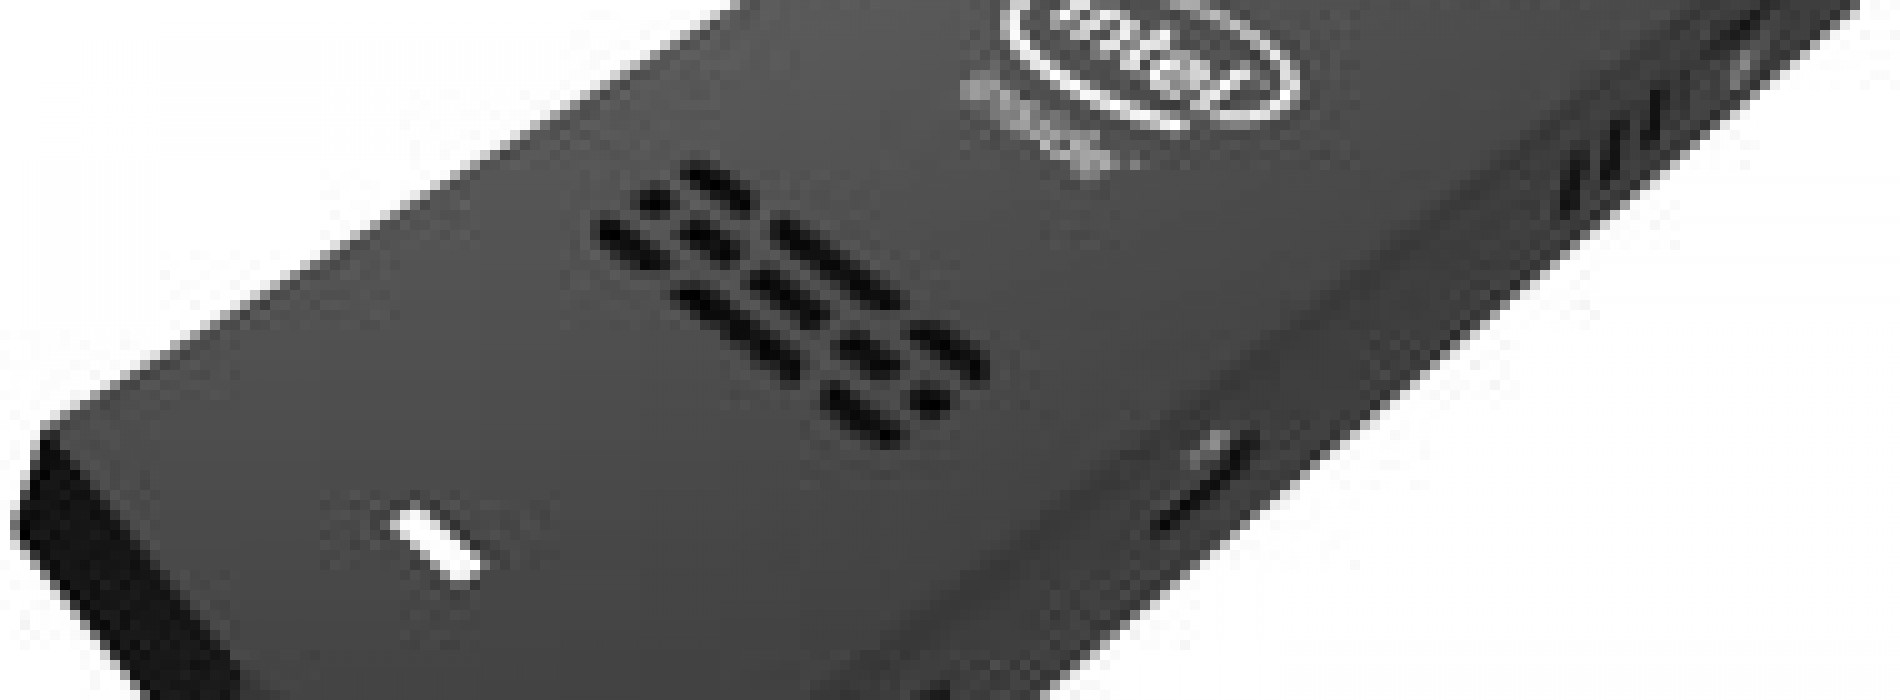 Compute Stick: nuevo paradigma de computación en miniatura